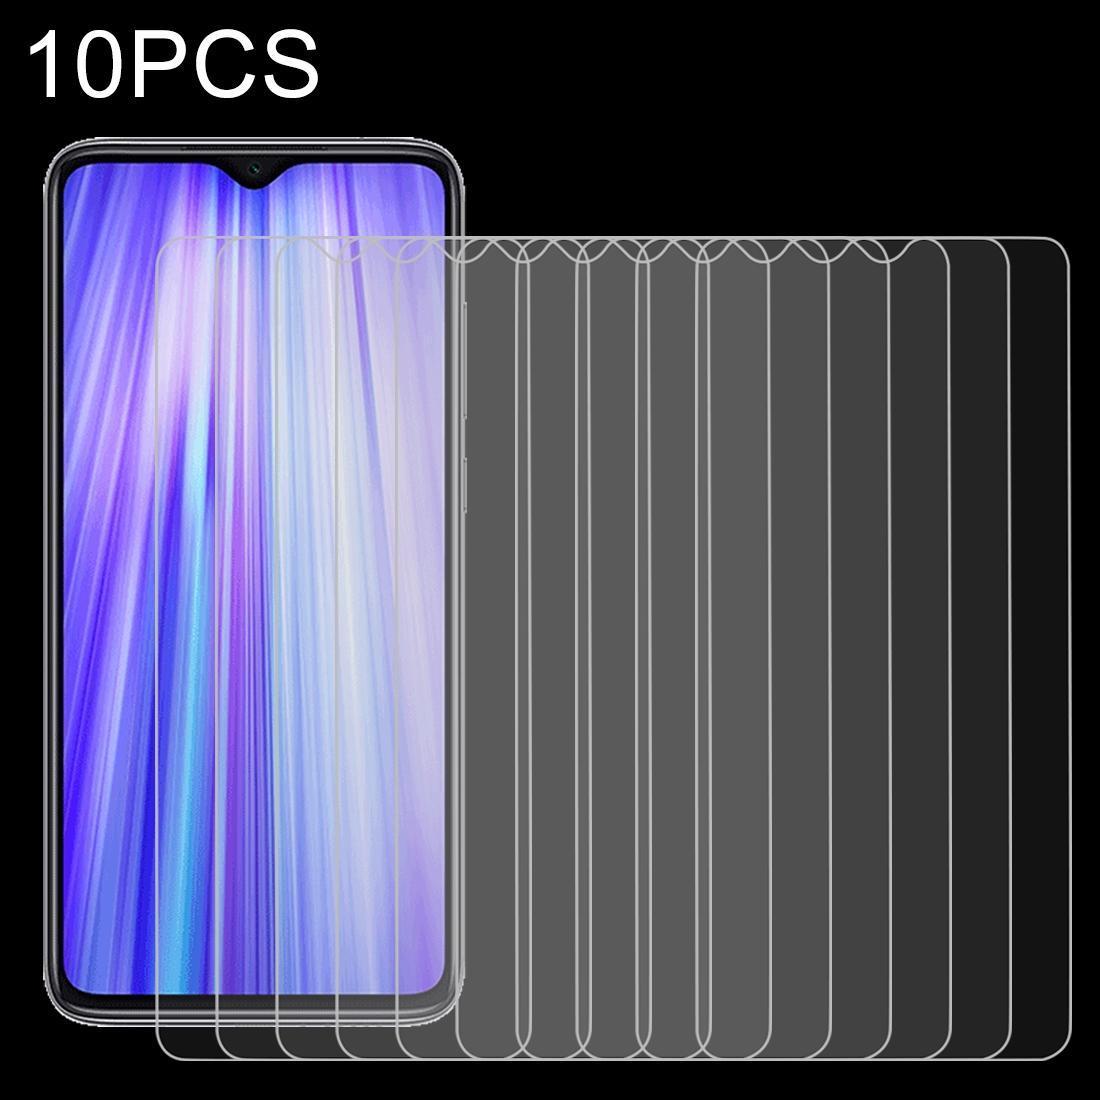 Für Xiaomi Redmi Anmerkung 8 Pro 10 PCS 0.26mm 9H 2.5D Ausgeglichenes Glas-Film